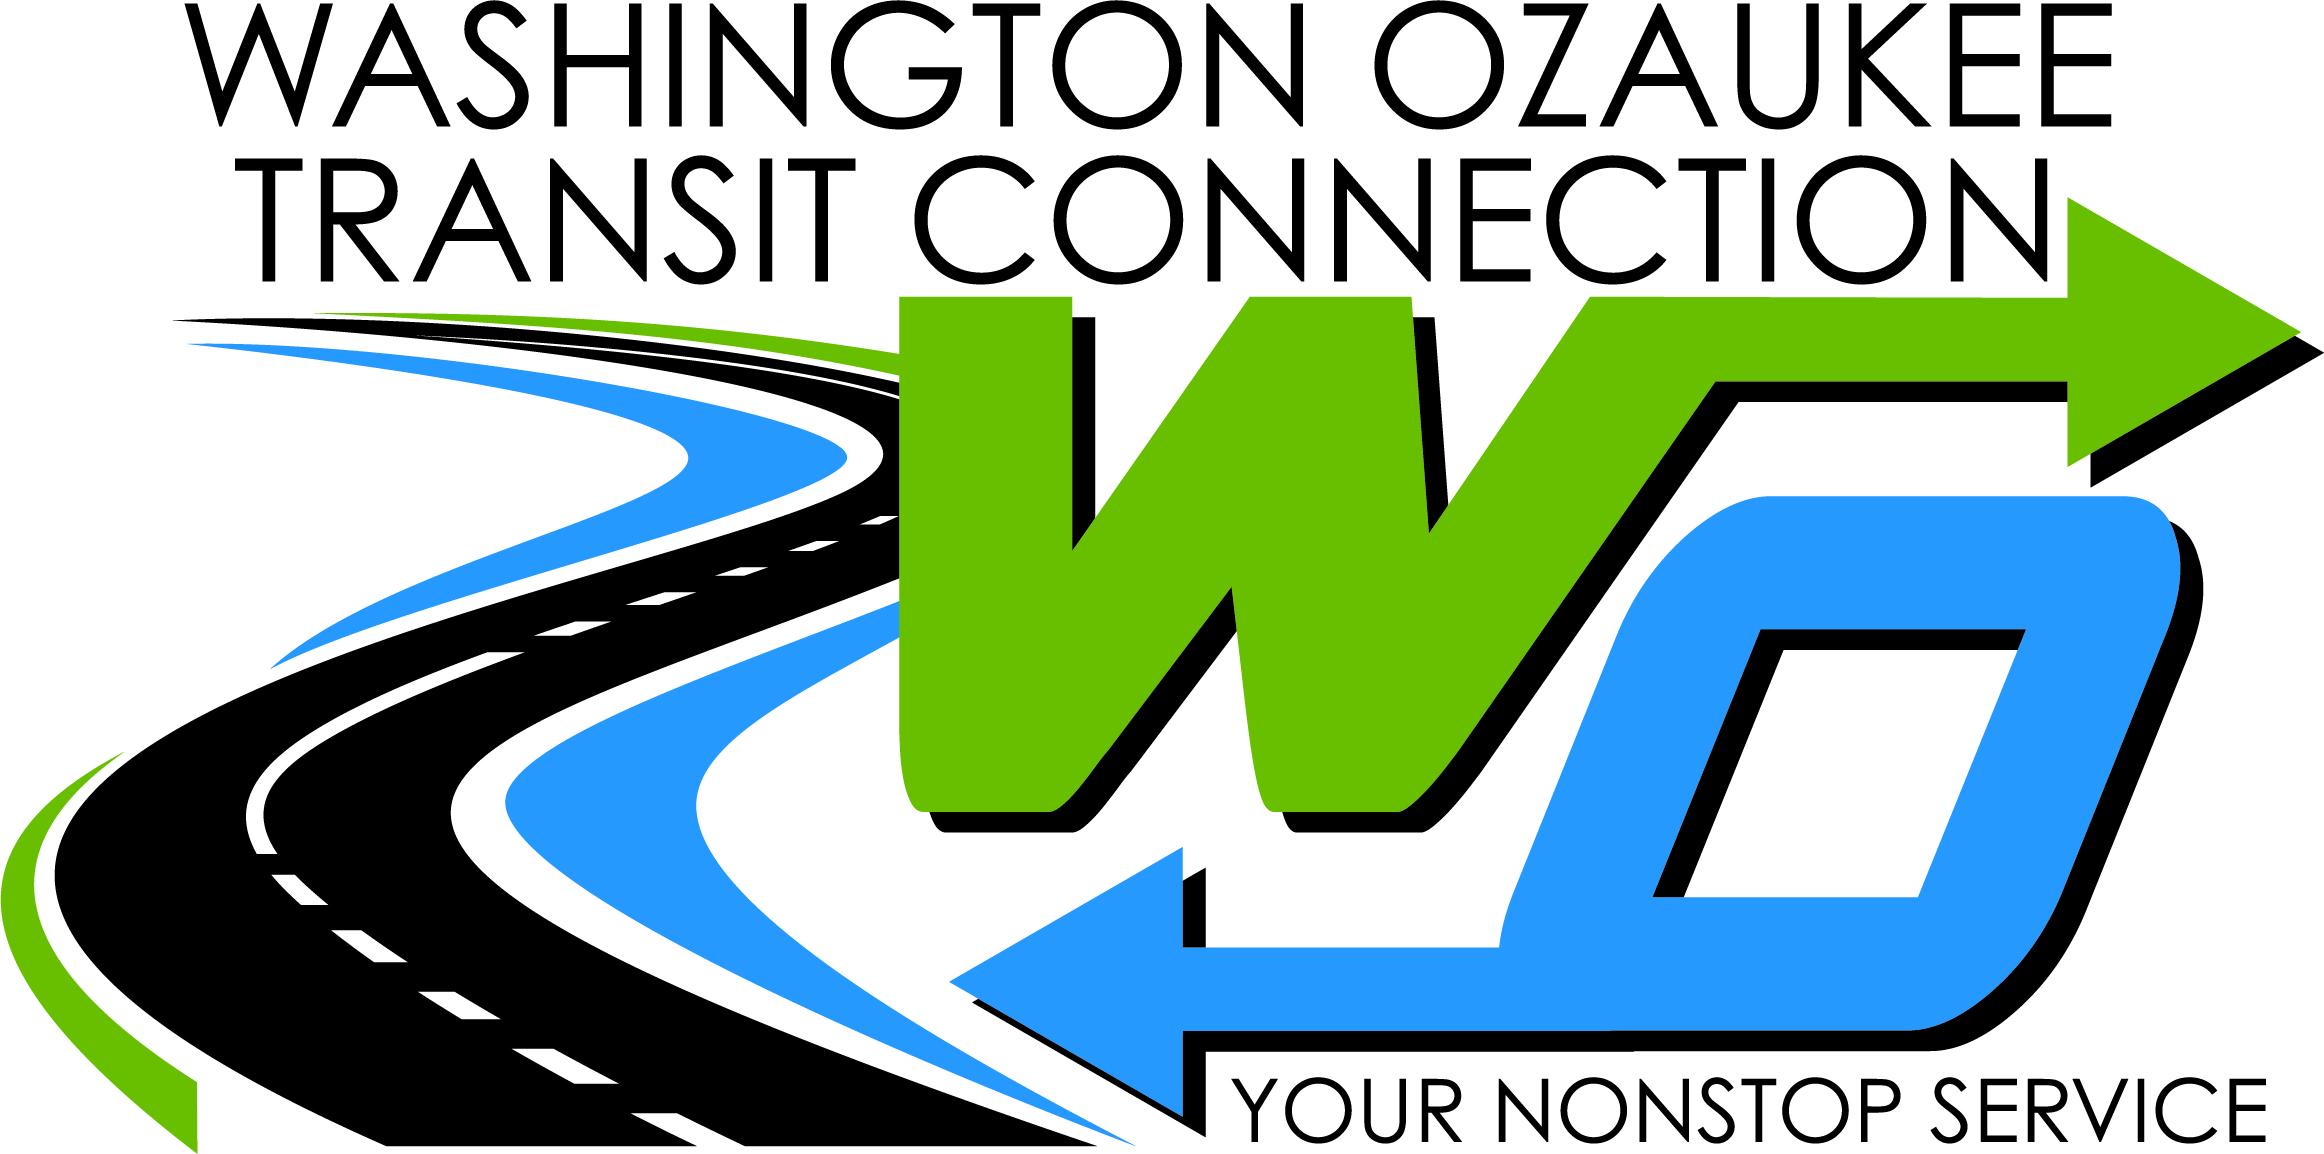 Washington Ozaukee Transit Connection Logo